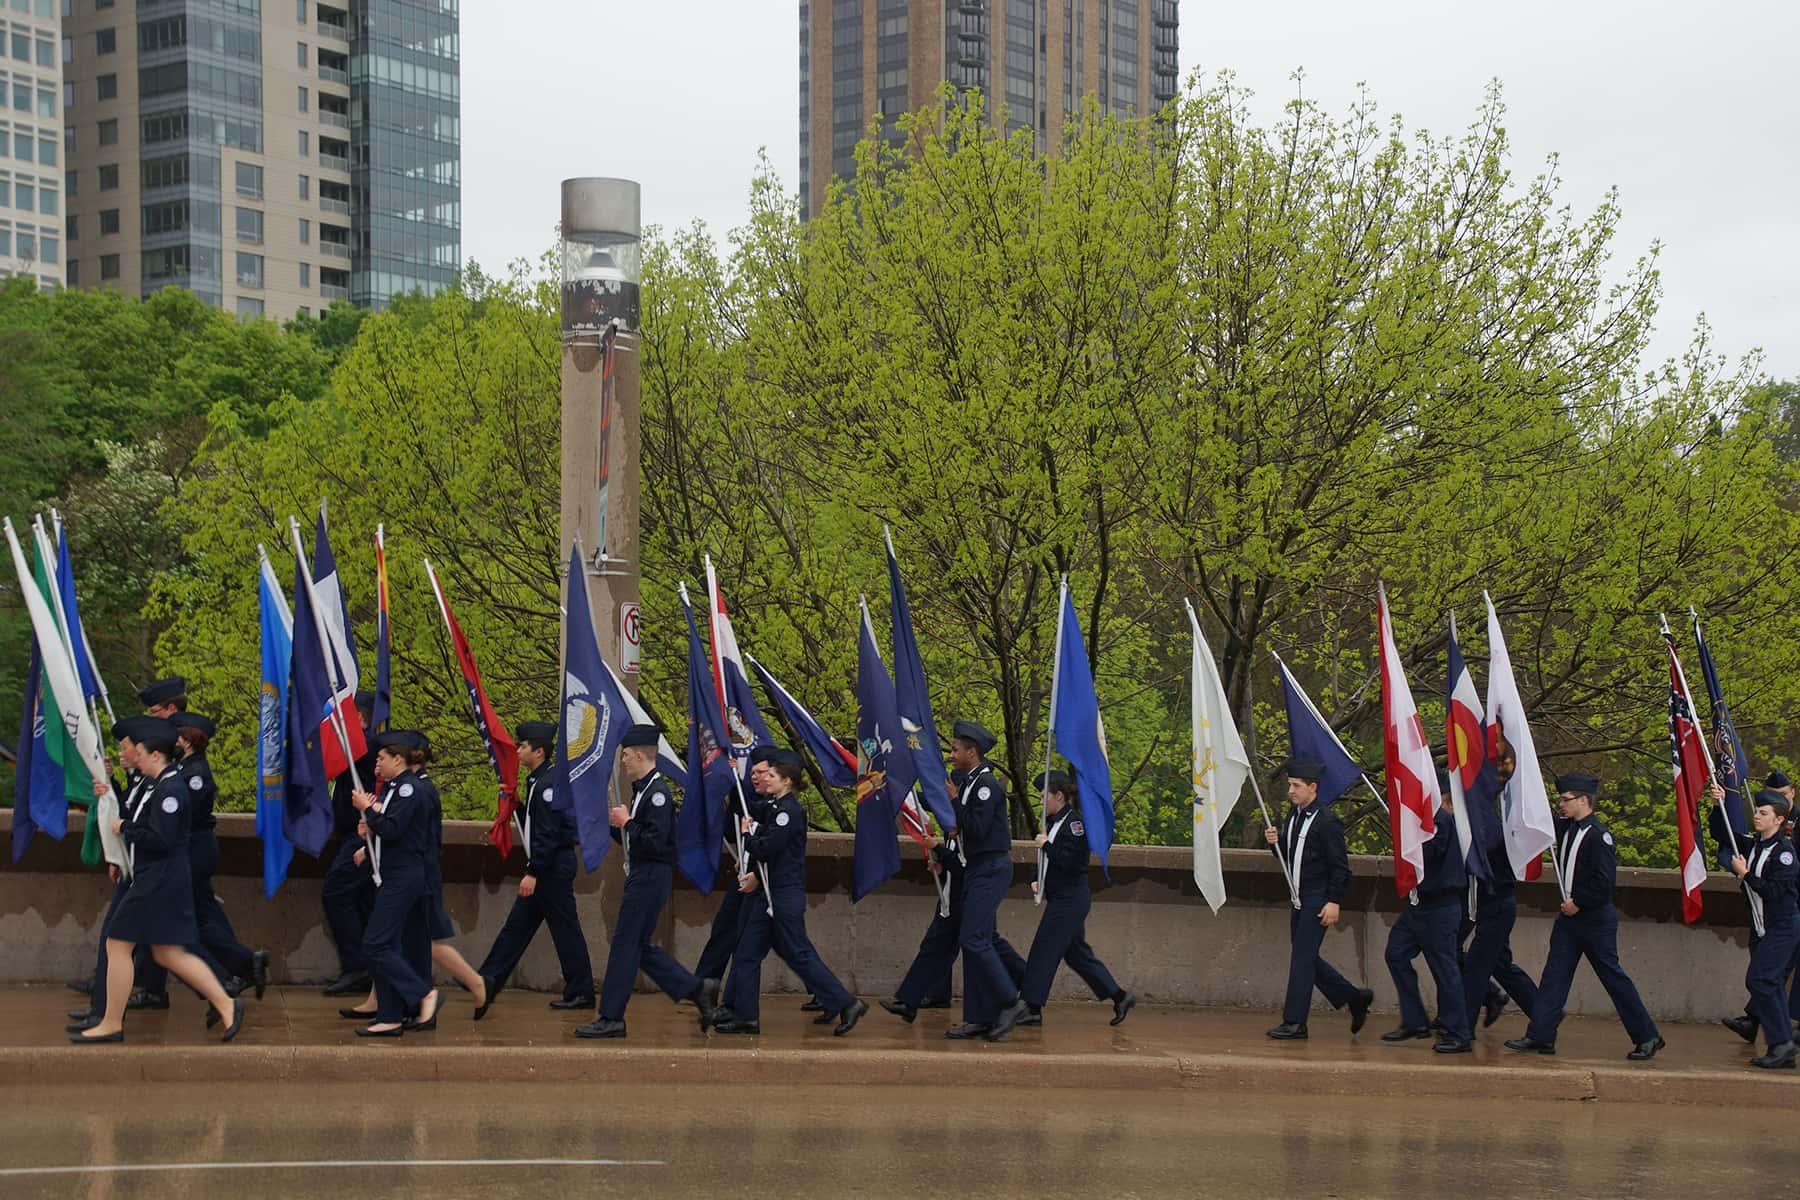 052719_memorialday3parade_1016